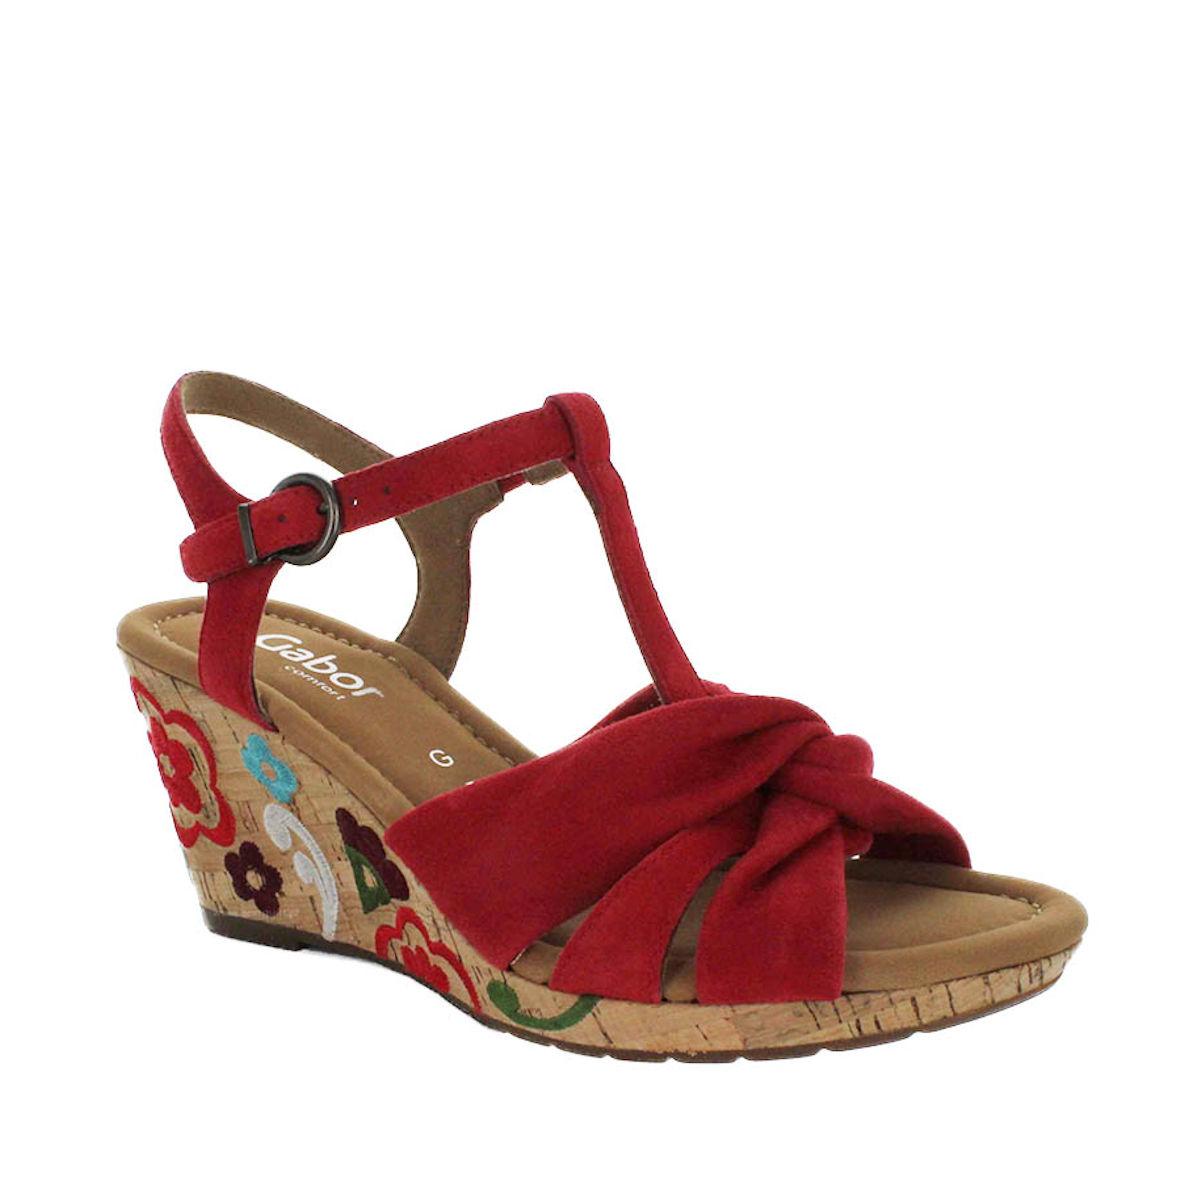 22 828 48 gabor red sandal